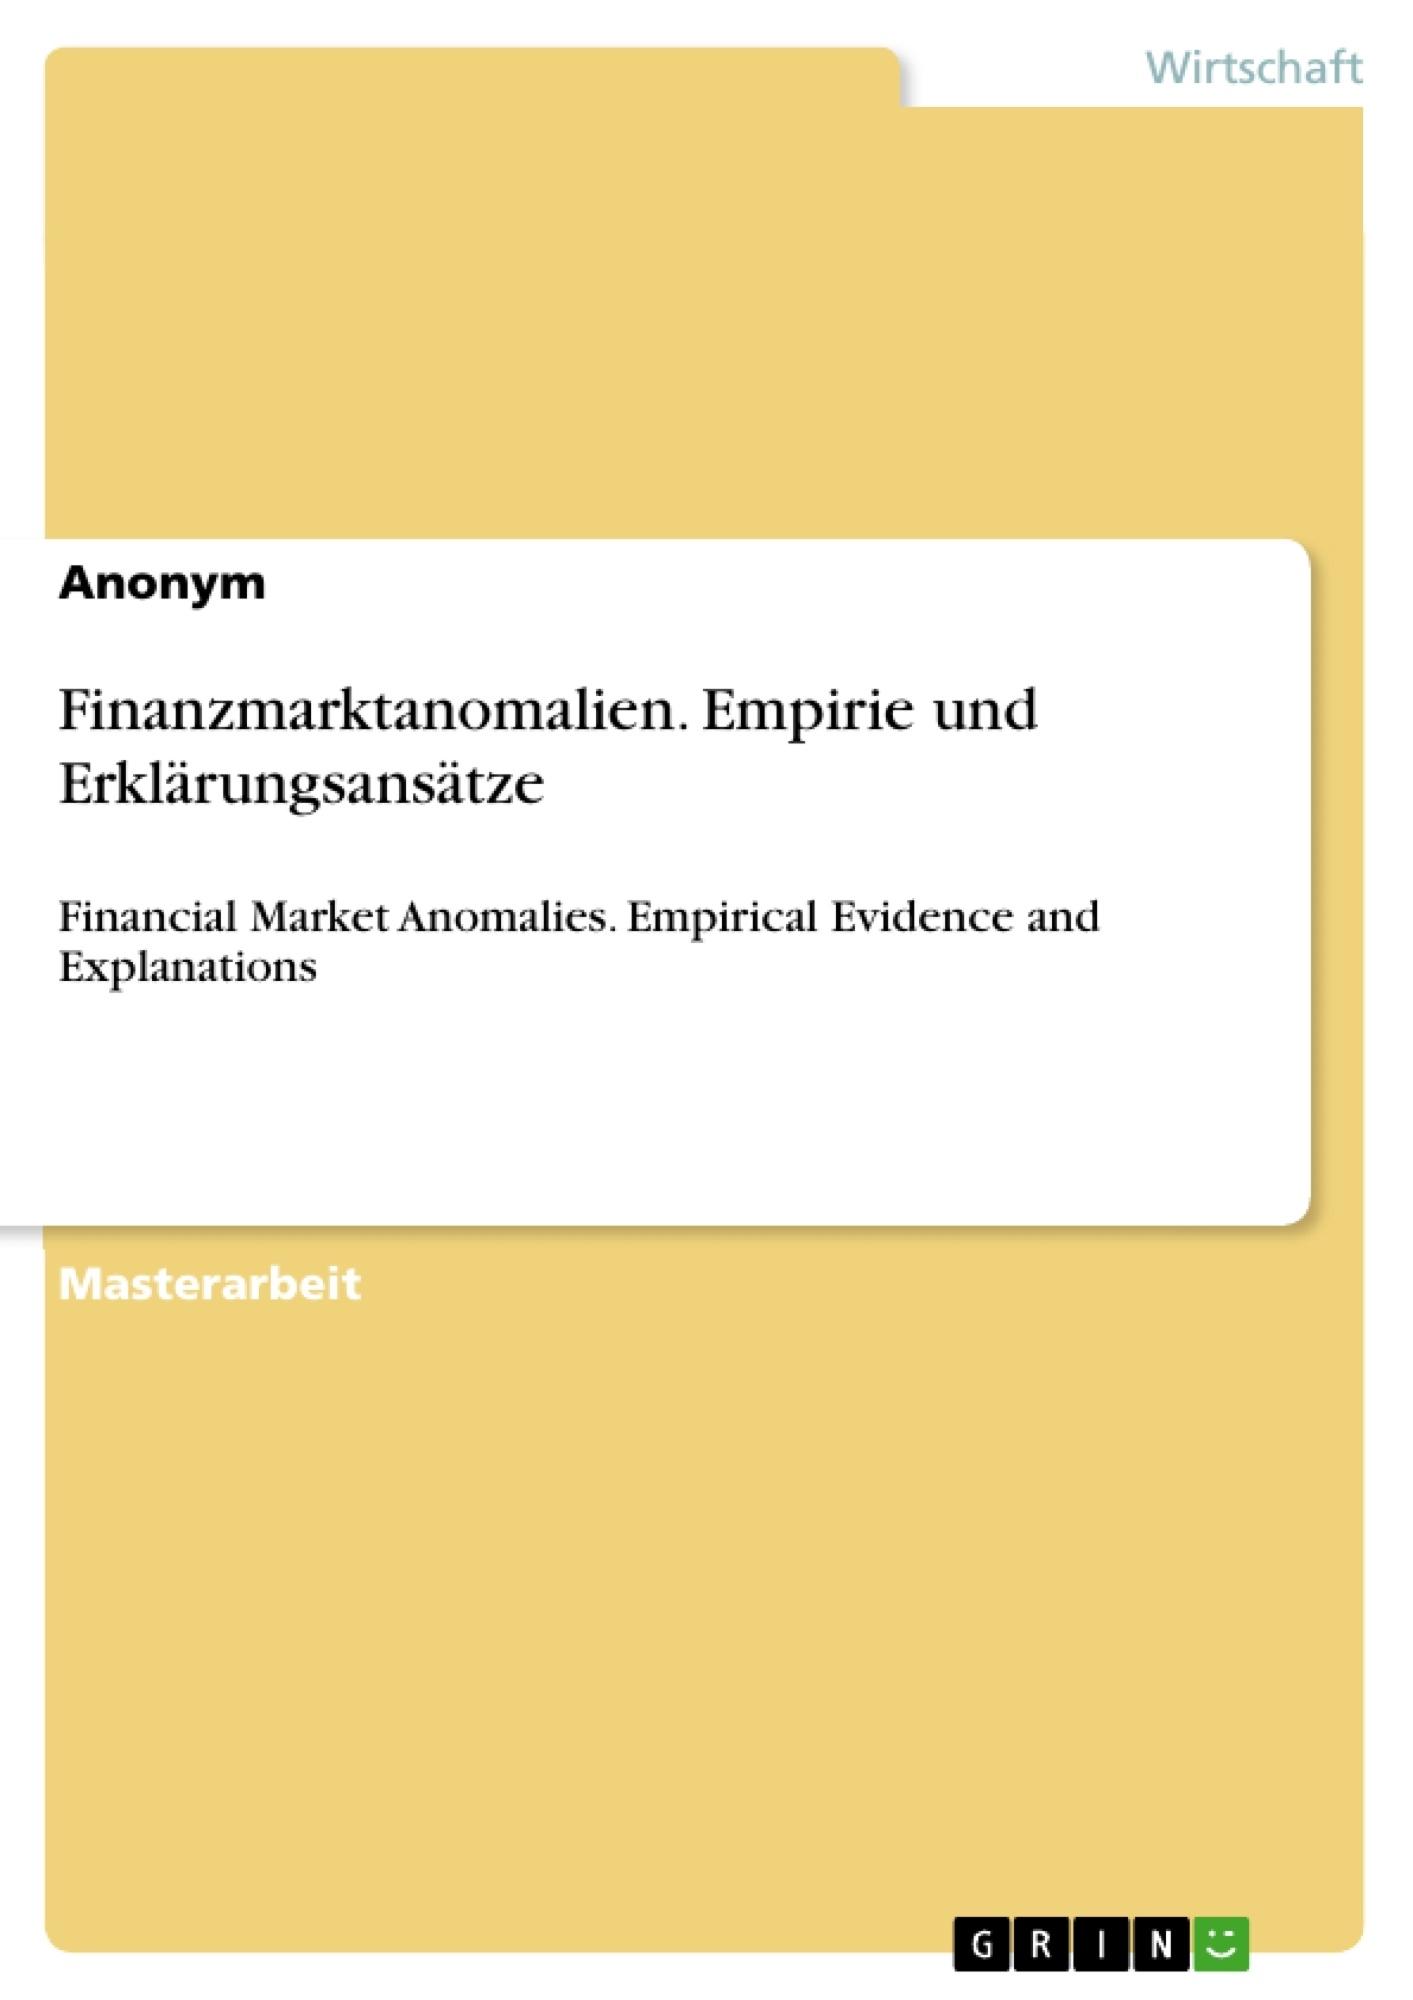 Titel: Finanzmarktanomalien. Empirie und Erklärungsansätze